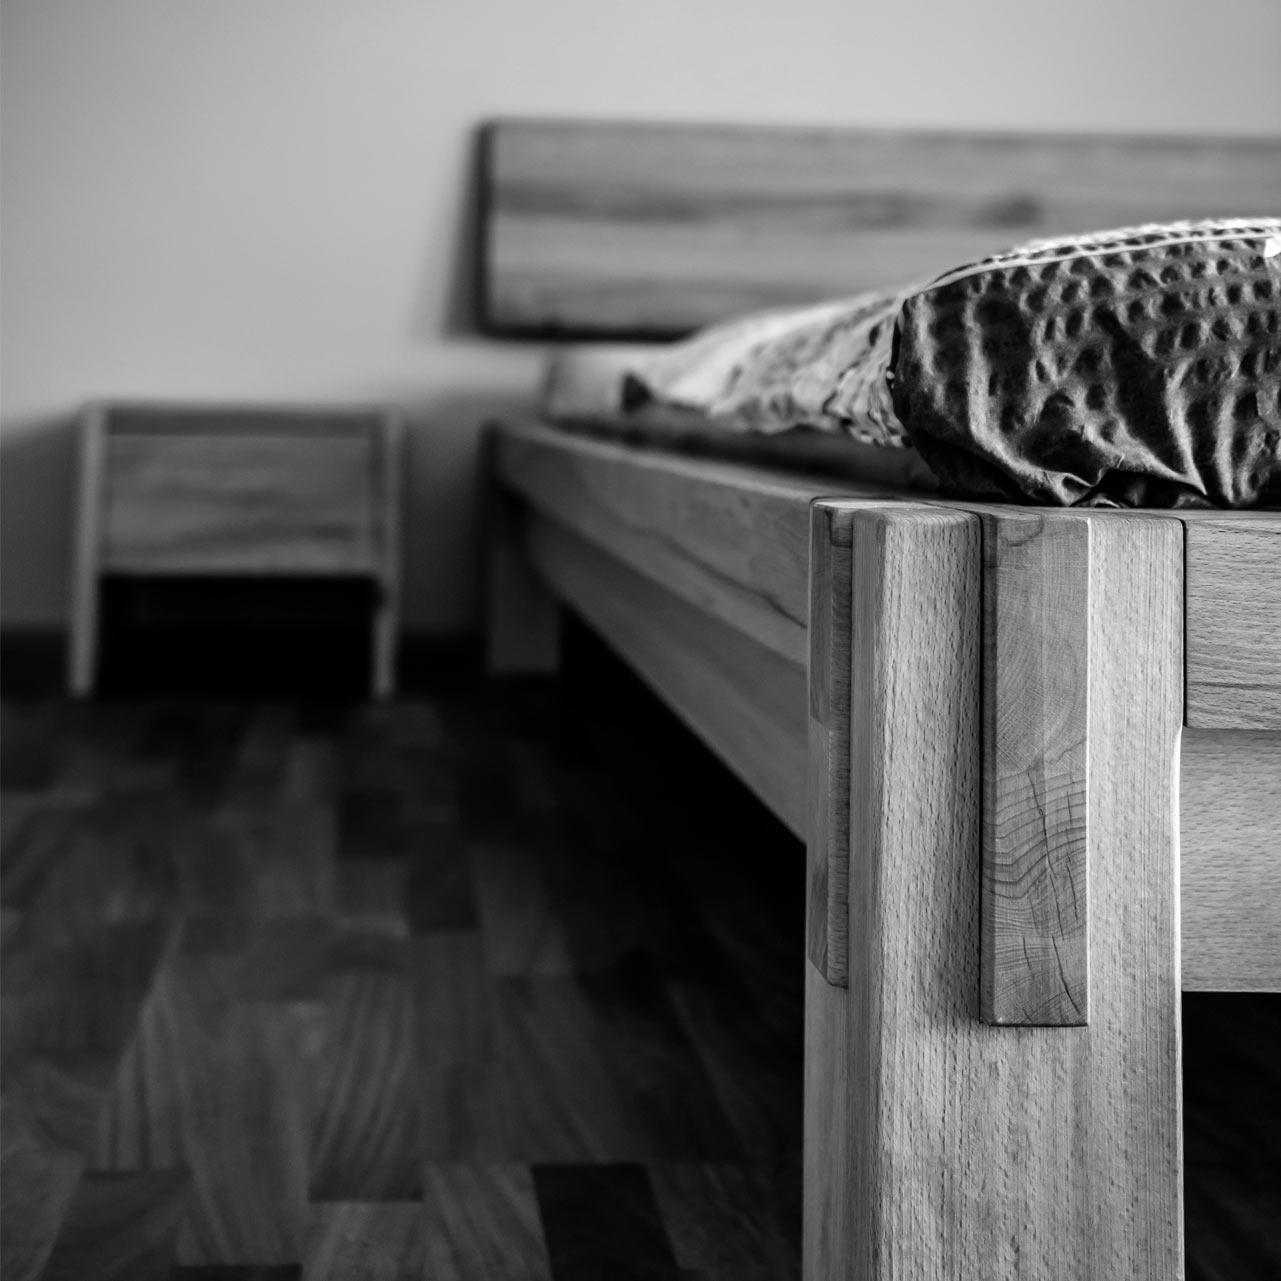 Massivholzbett aus Schlaffzimmer im japanischen Stil.